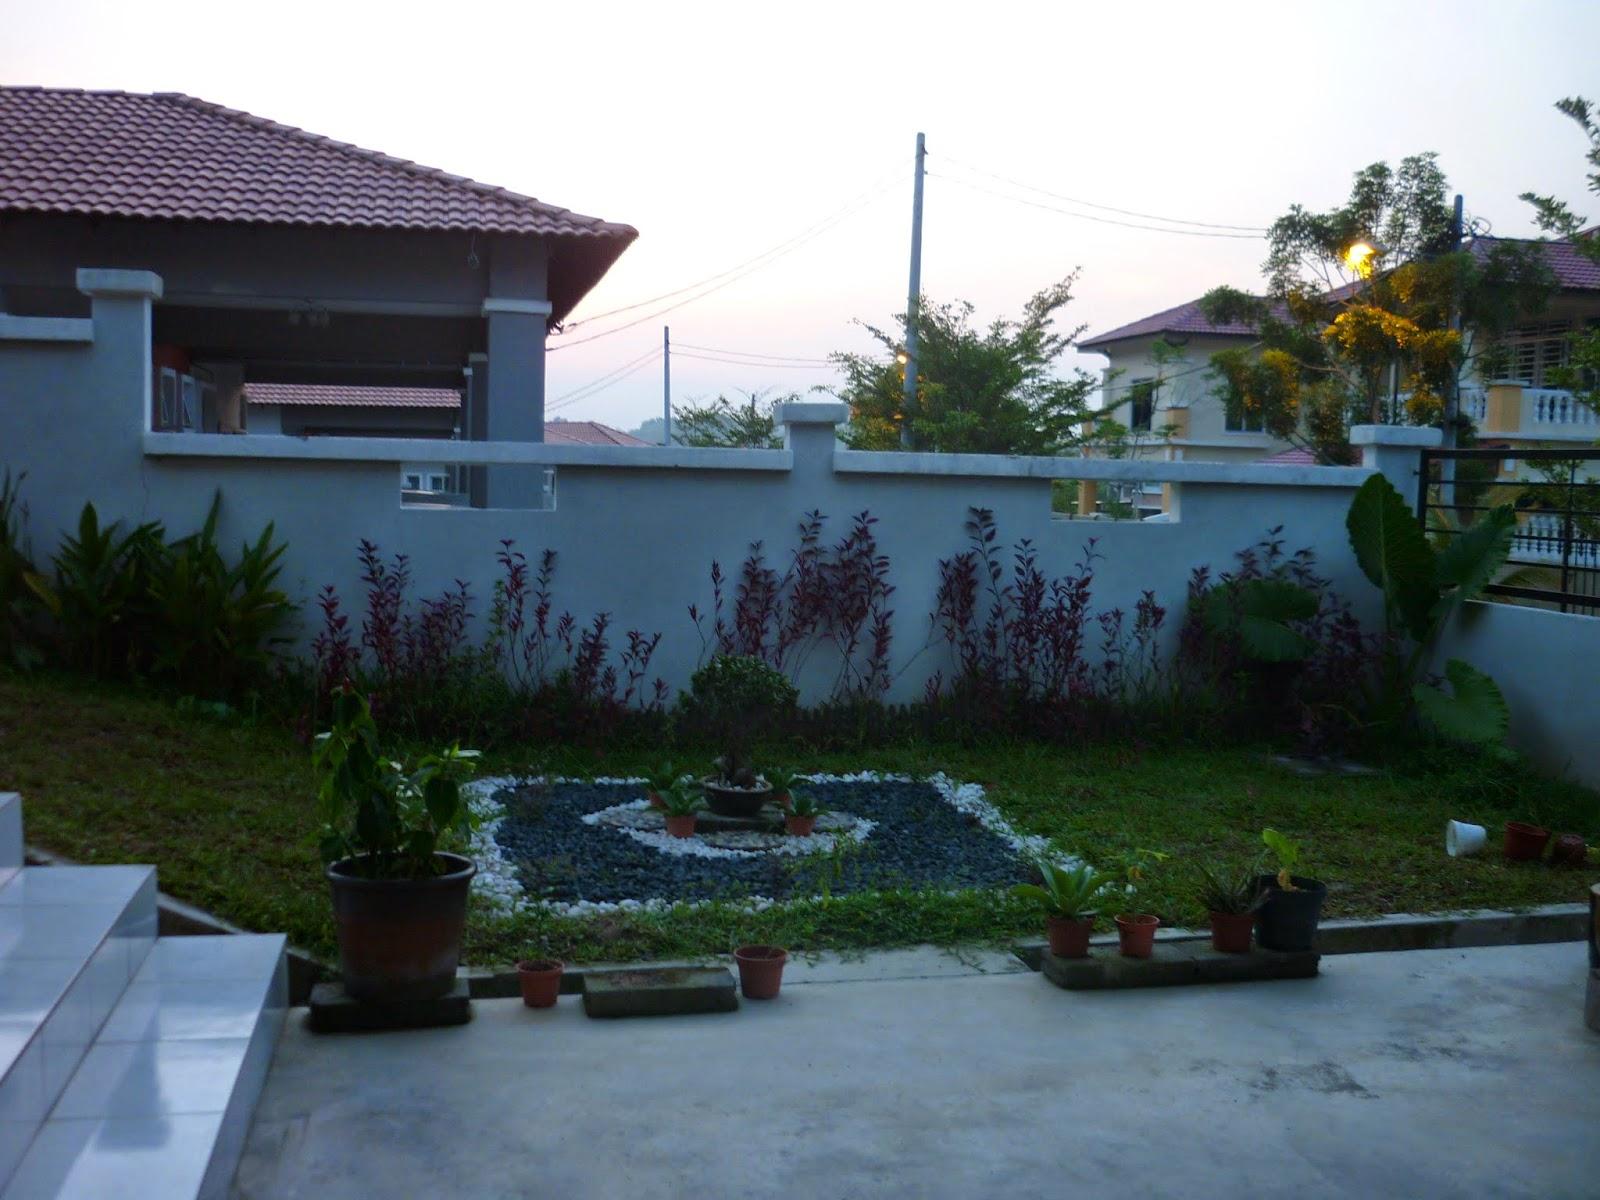 http://ourlittleaffendijr.blogspot.com/http://ourlittleaffendijr.blogspot.com/